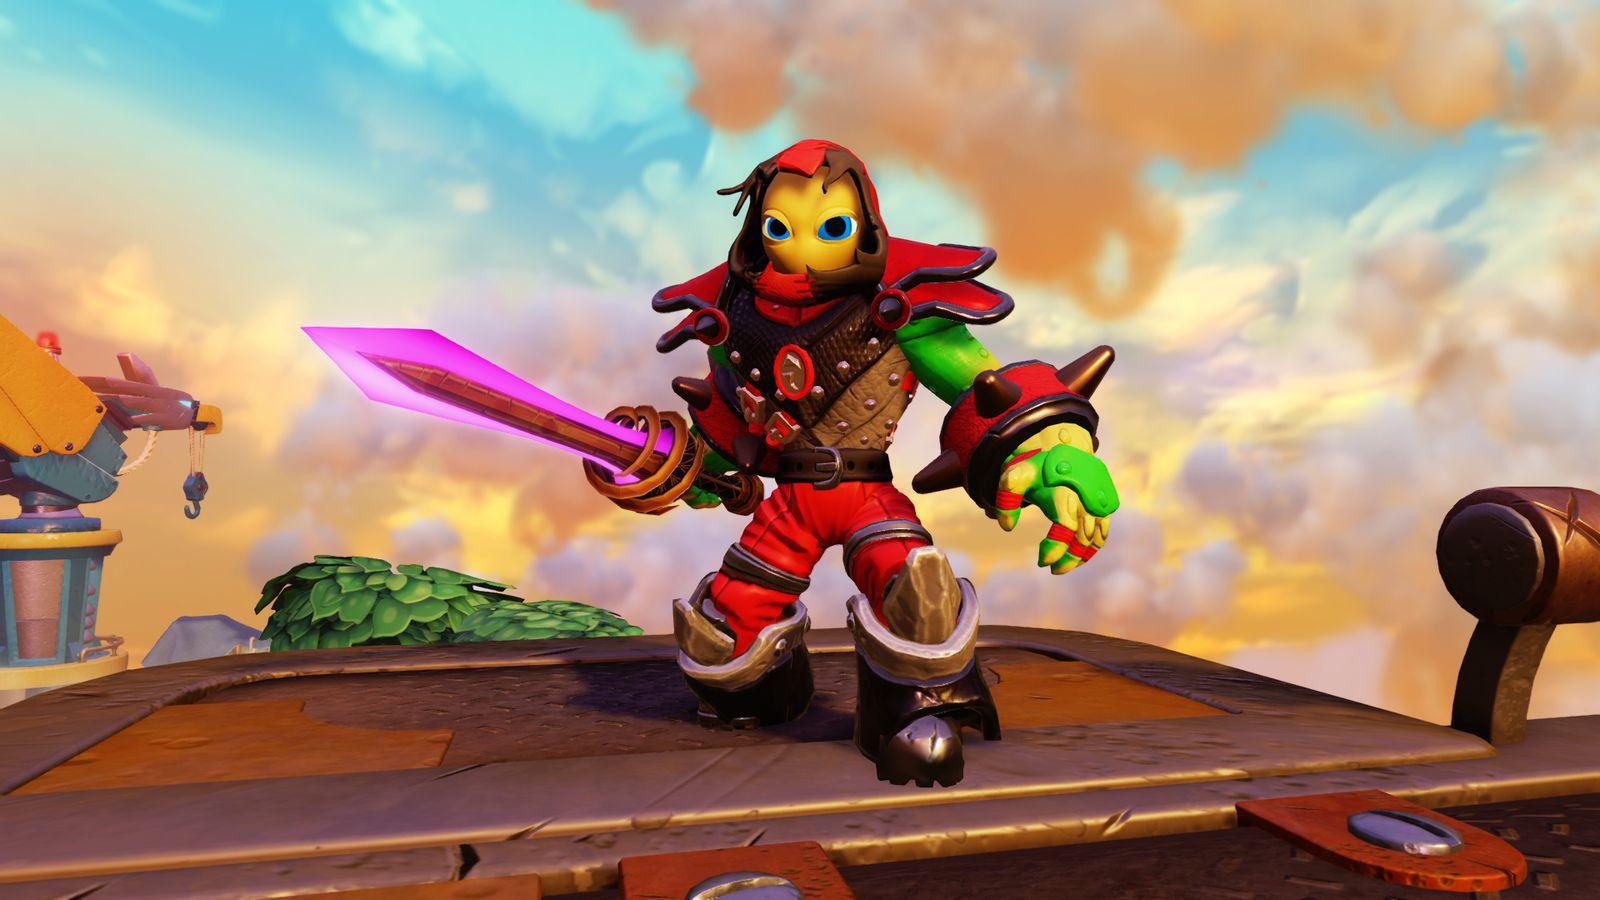 Skylanders Imaginators hands hero creation over to players